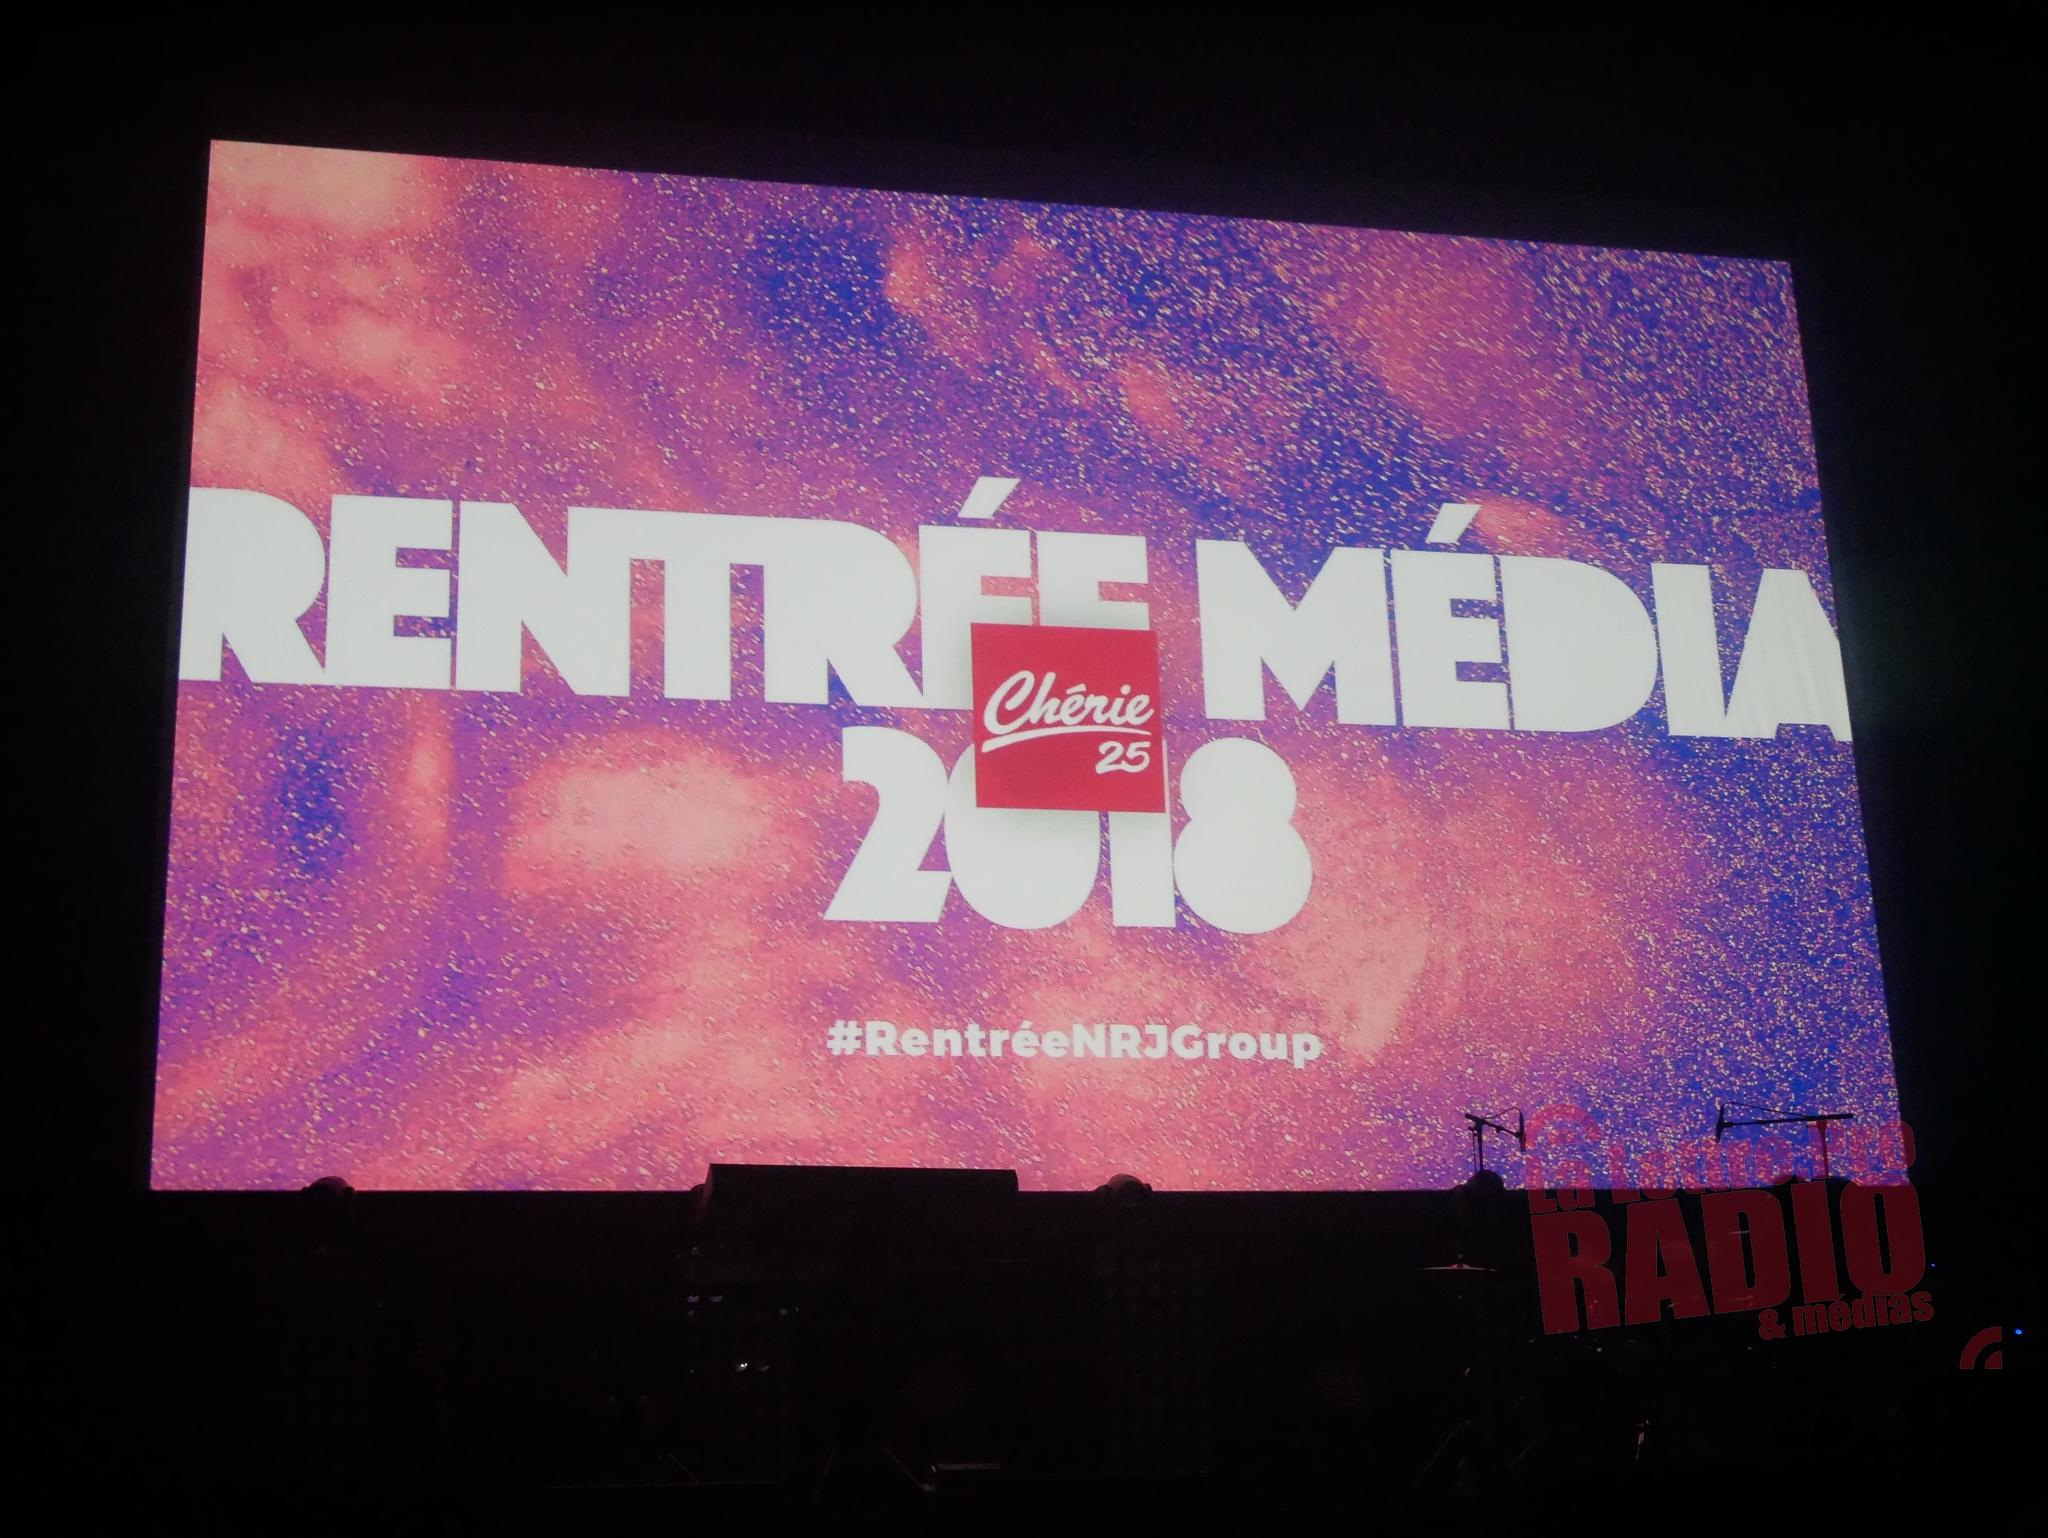 Grand écran pour diffuser de nombreux clips, sur la scène de l'Olympia / Photo François Quairel